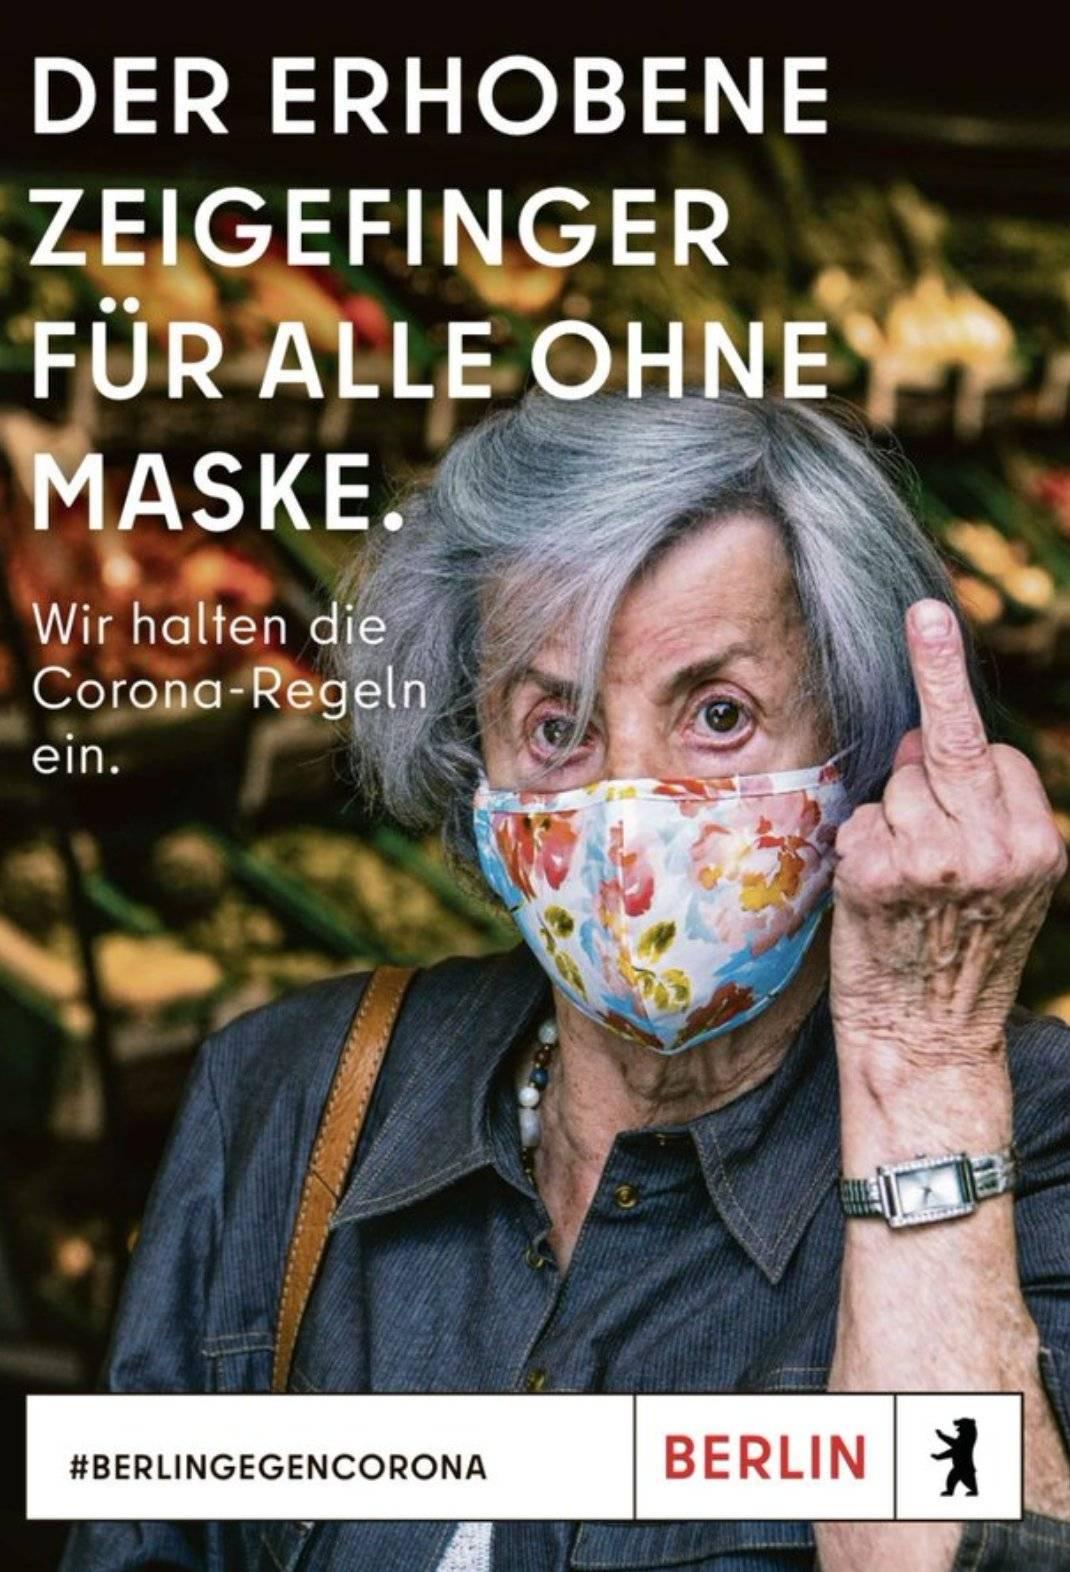 欧洲疫情反弹之际,柏林发了这么一个防疫广告